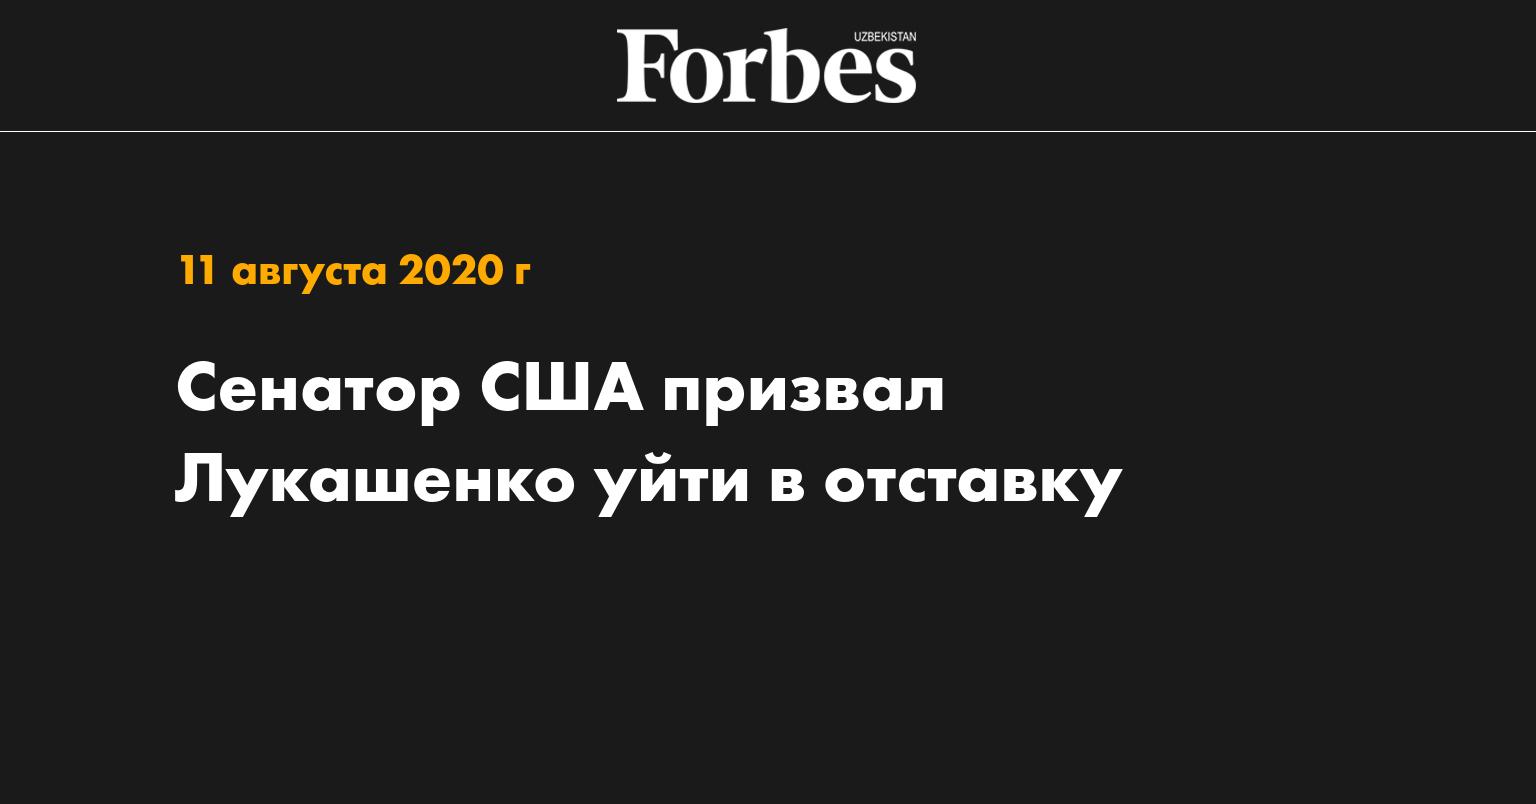 Сенатор США призвал Лукашенко уйти в отставку